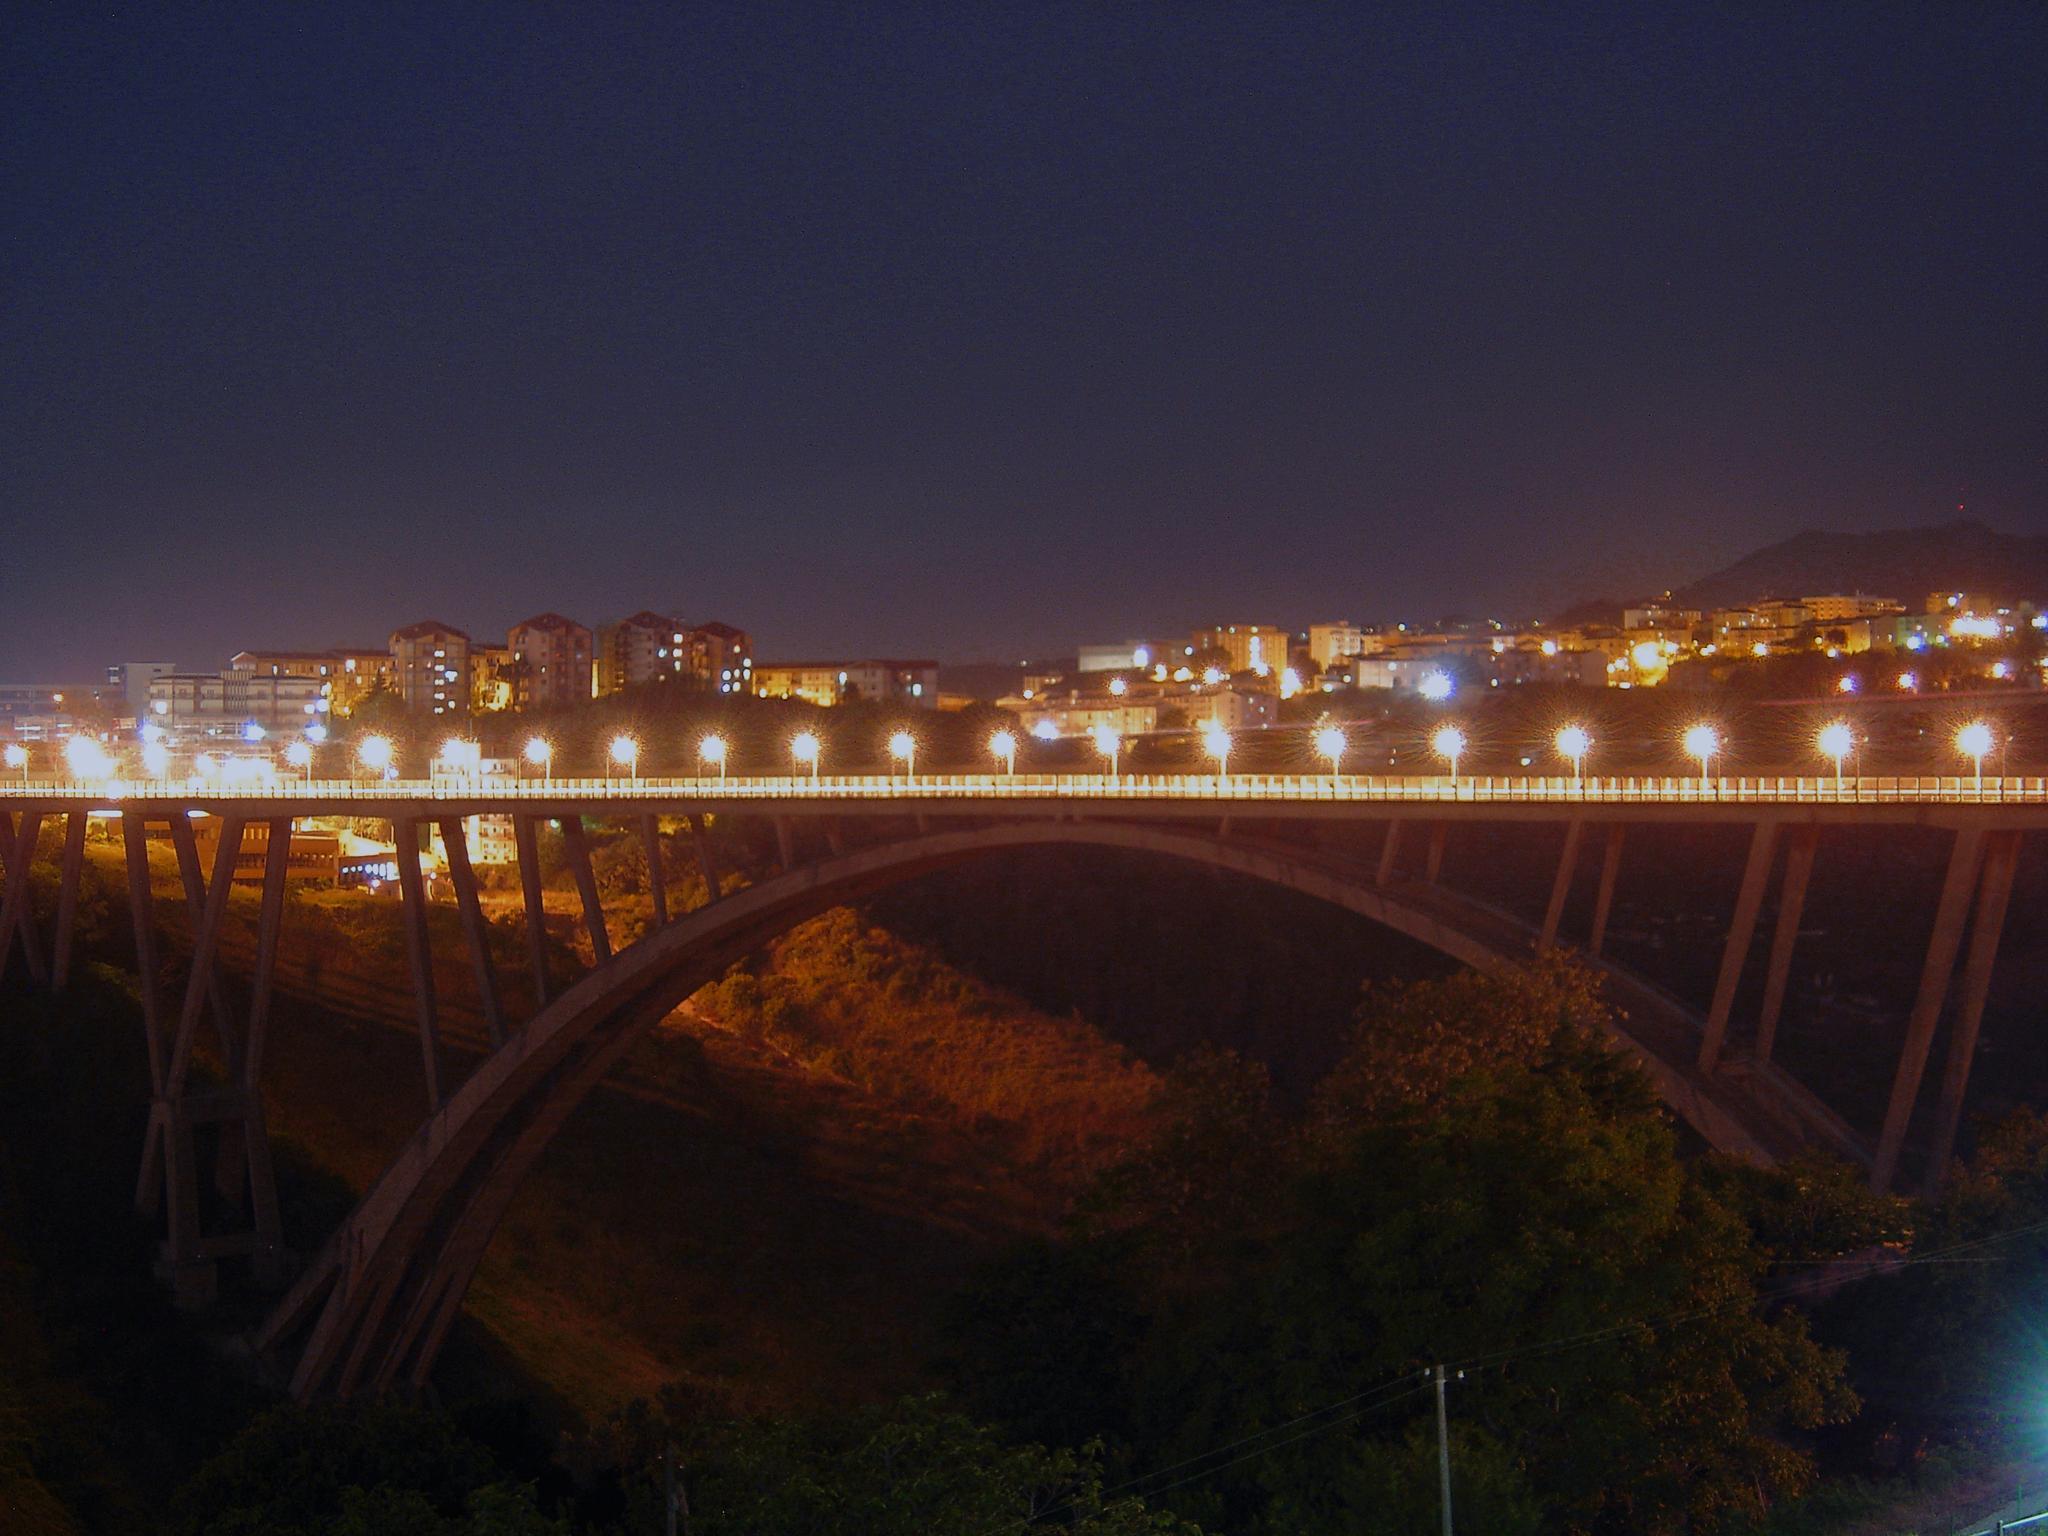 Catanzaro's bridge by fpullano